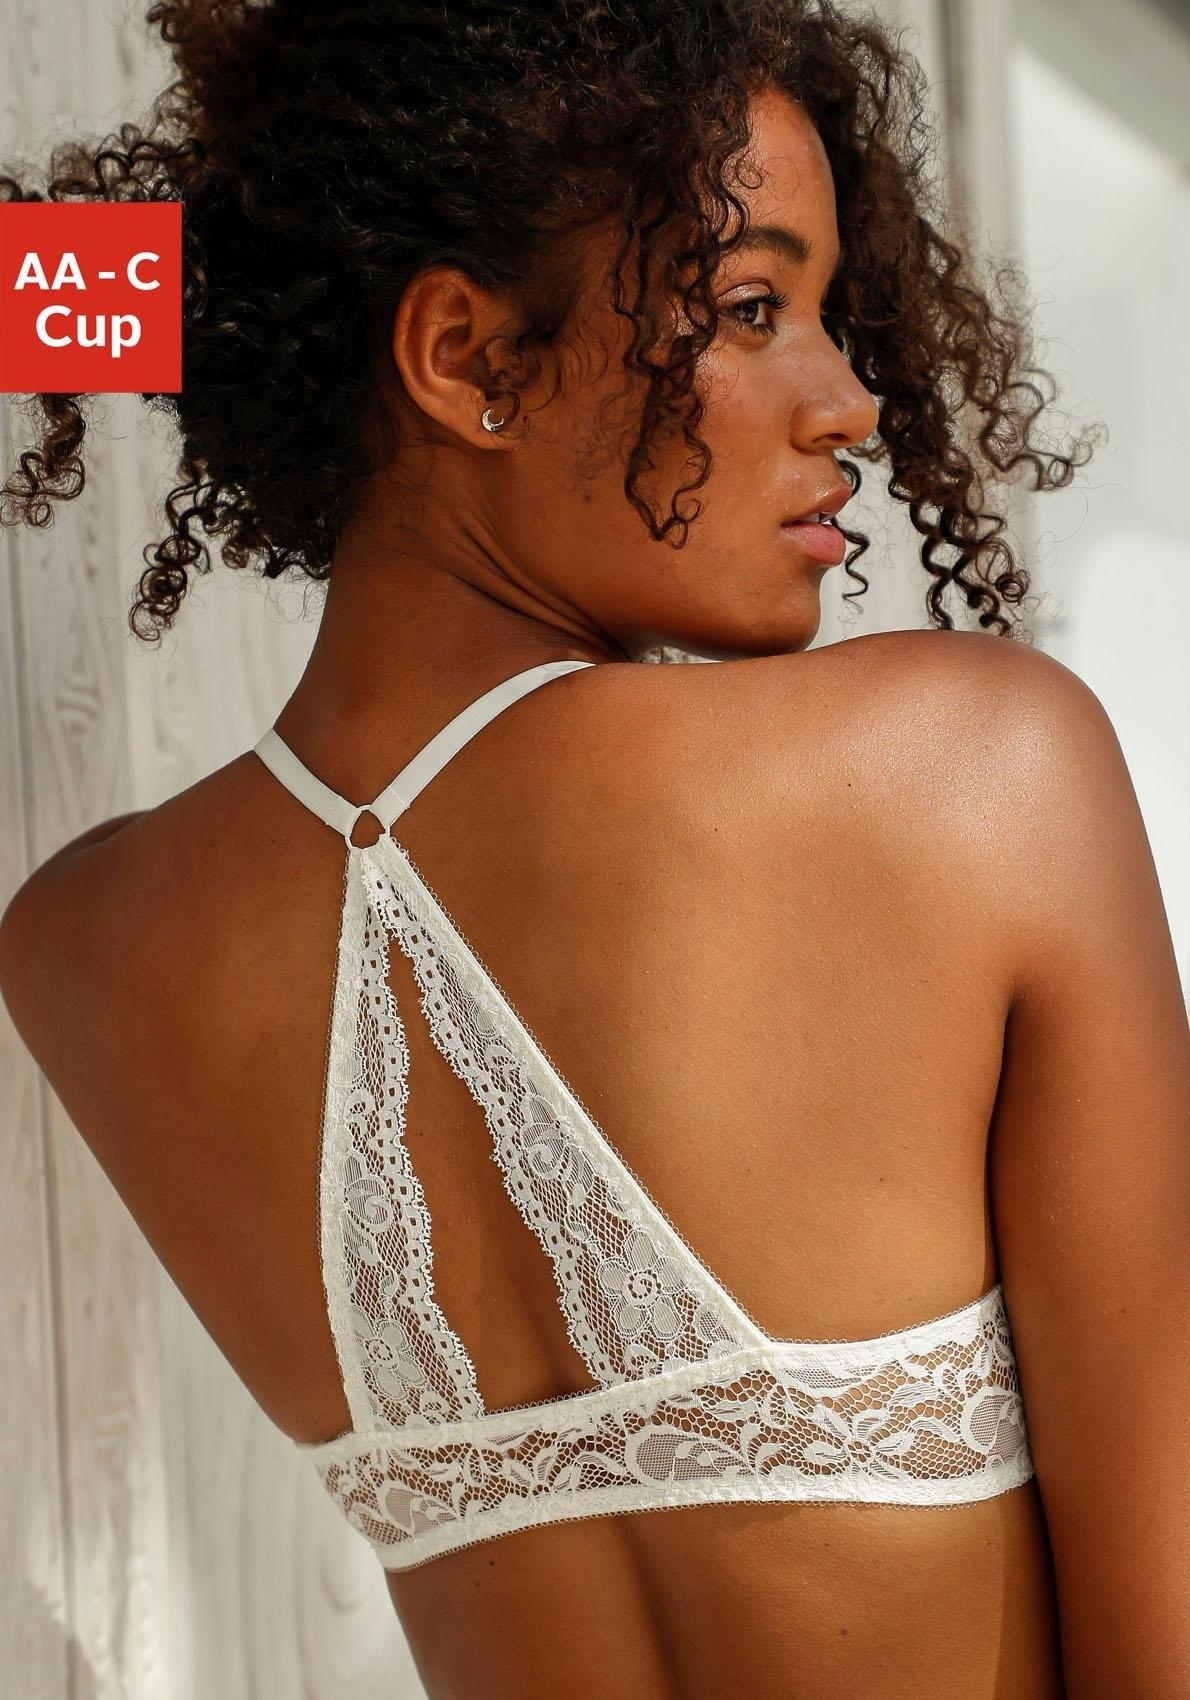 Nuance Bh met halterbandjes met kanten achterkant en voorsluiting in de webshop van Lascana kopen